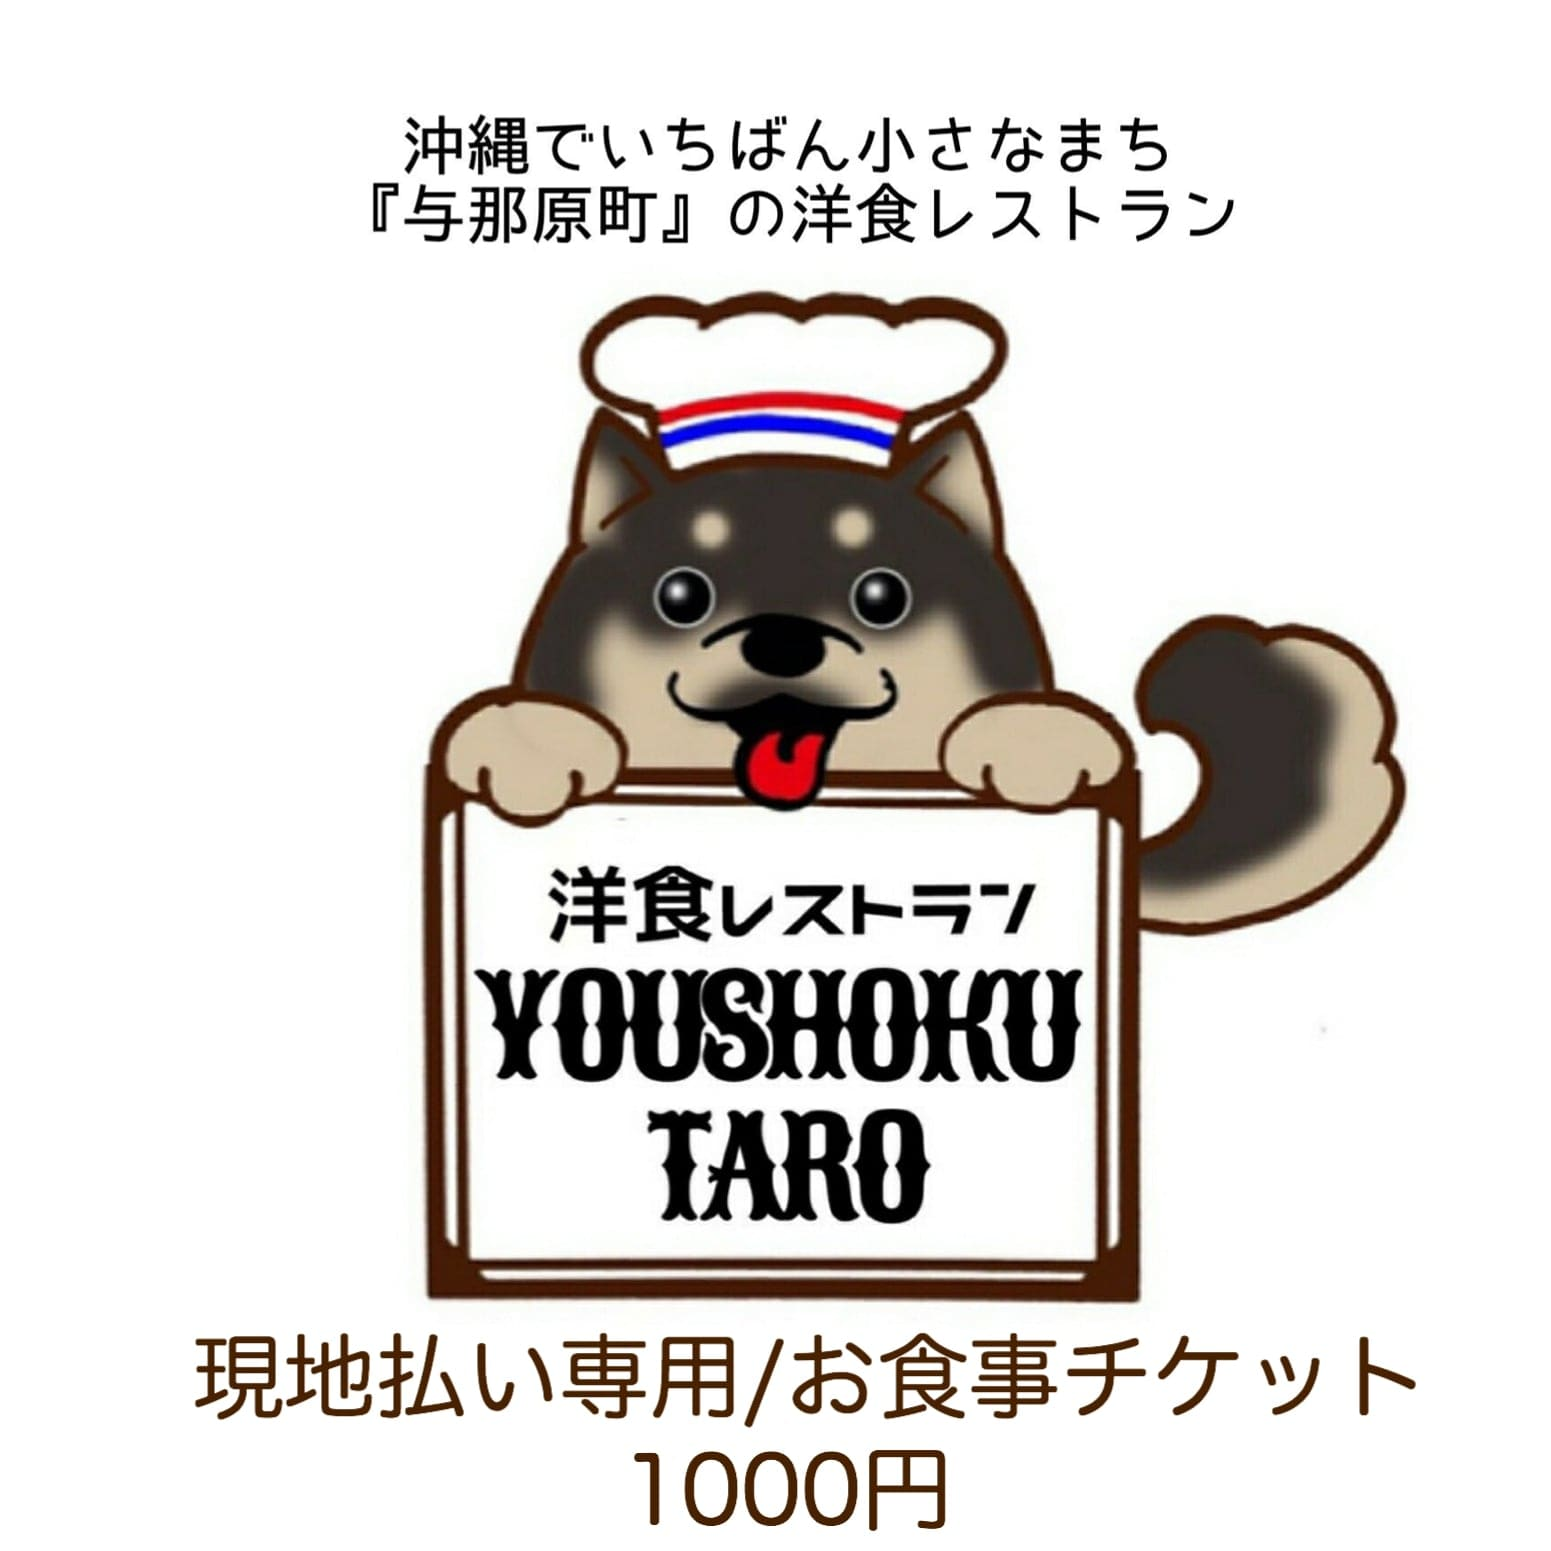 【現地払い専用】1,000円お食事チケットのイメージその6